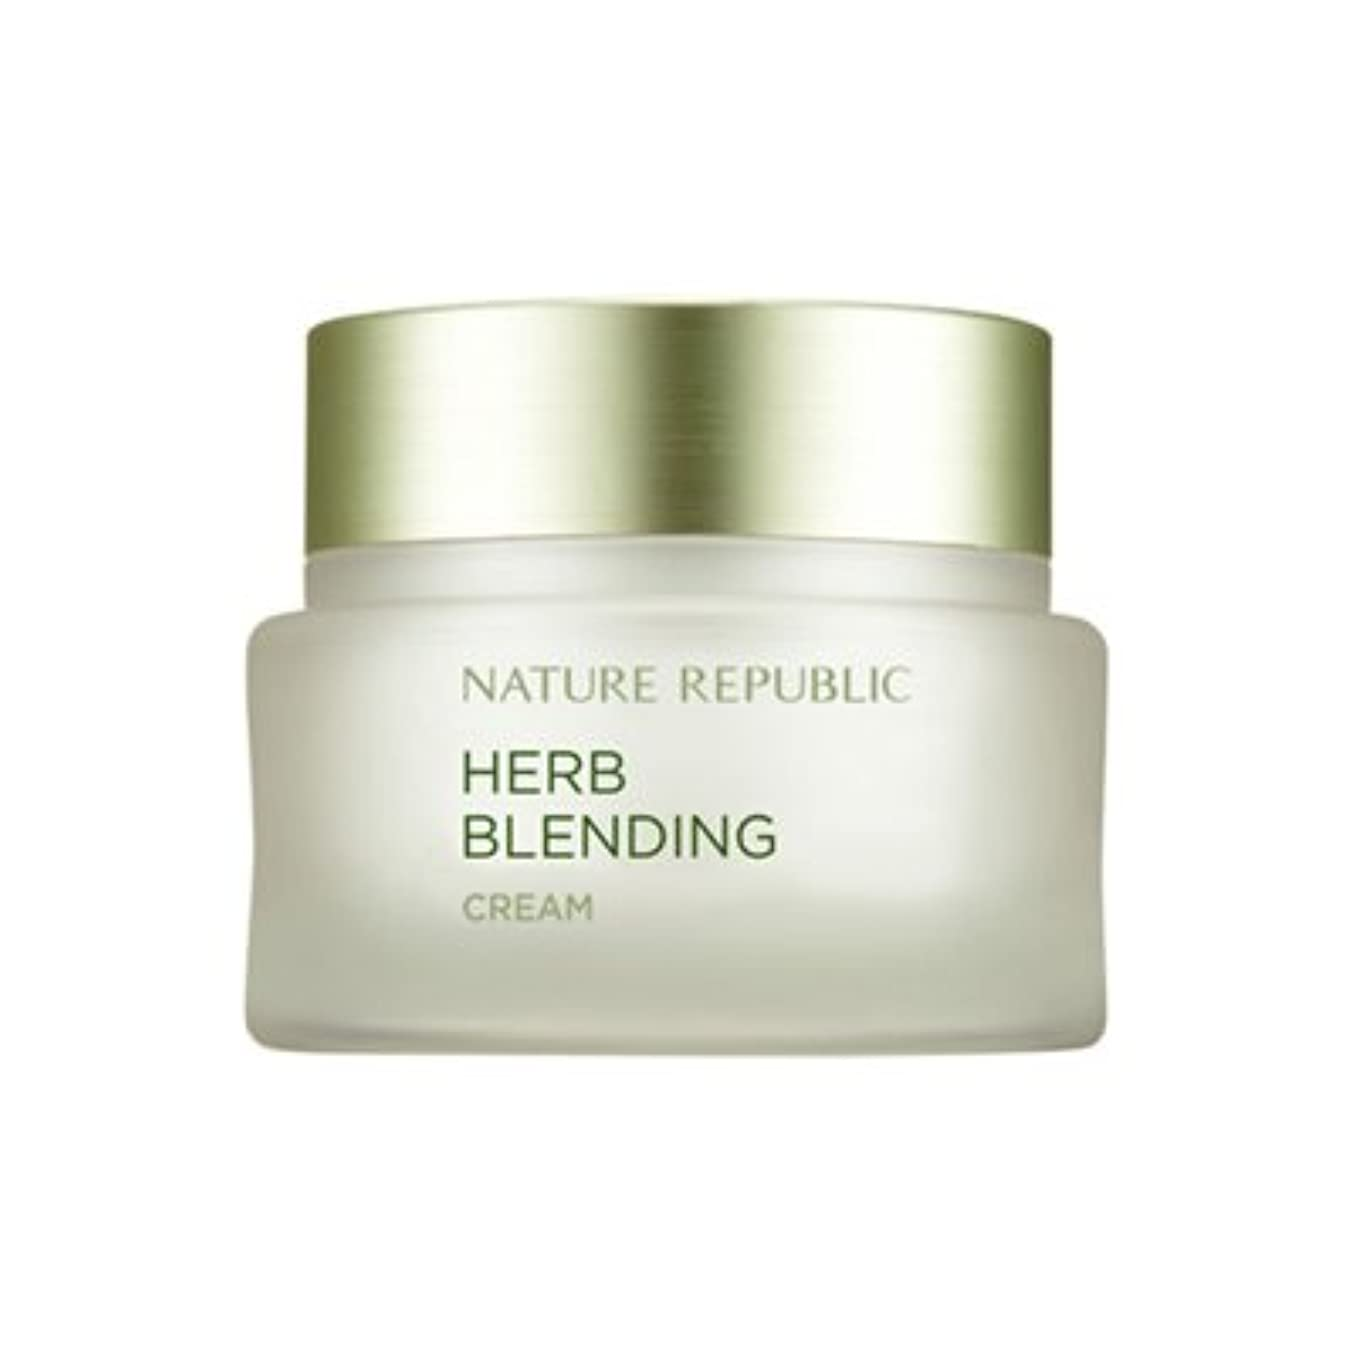 チキンプロペラ美的NATURE REPUBLIC Herb Blending Cream ネイチャーリパブリック ハーブブレンドクリーム [並行輸入品]